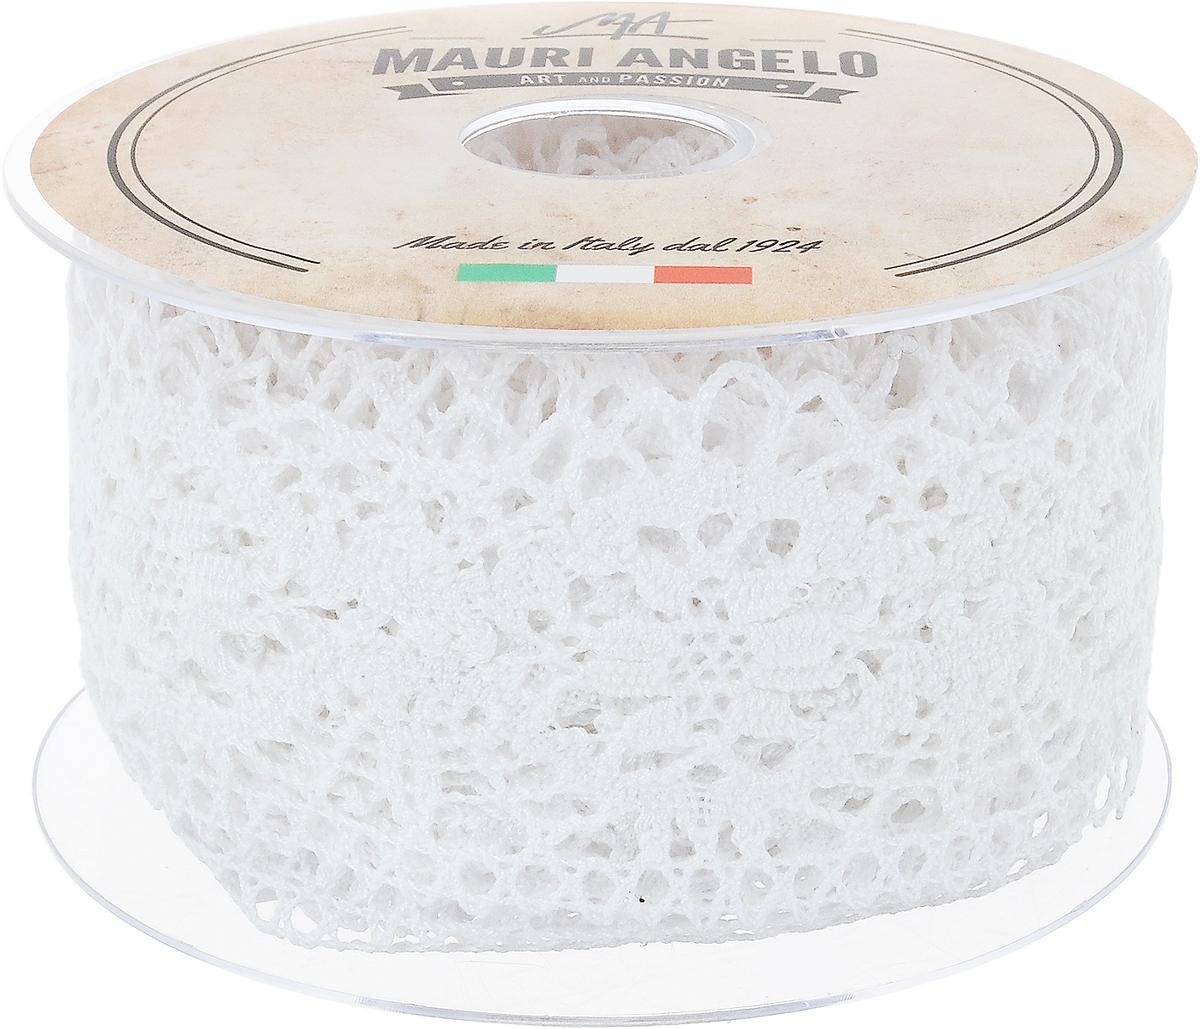 Лента кружевная Mauri Angelo, цвет: белый, 6,3 см х 10 мMR5320_белыйДекоративная кружевная лента Mauri Angelo - текстильное изделие без тканой основы, в котором ажурный орнамент и изображения образуются в результате переплетения нитей. Кружево применяется для отделки одежды, белья в виде окаймления или вставок, а также в оформлении интерьера, декоративных панно, скатертей, тюлей, покрывал. Главные особенности кружева - воздушность, тонкость, эластичность, узорность.Декоративная кружевная лента Mauri Angelo станет незаменимым элементом в создании рукотворного шедевра. Ширина: 6,3 см.Длина: 10 м.